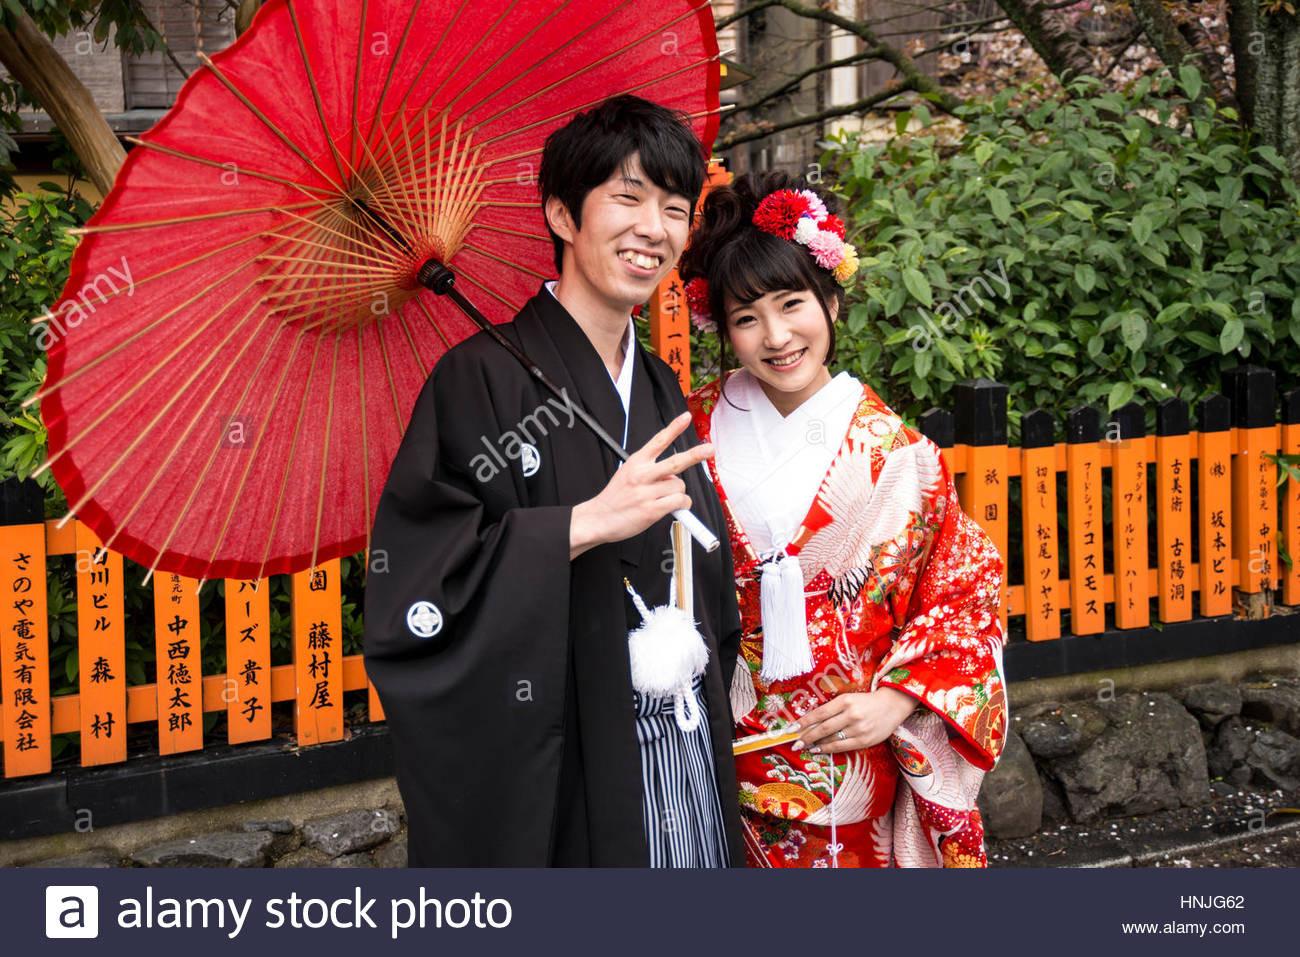 Japanische Hochzeit Stockfotos & Japanische Hochzeit Bilder